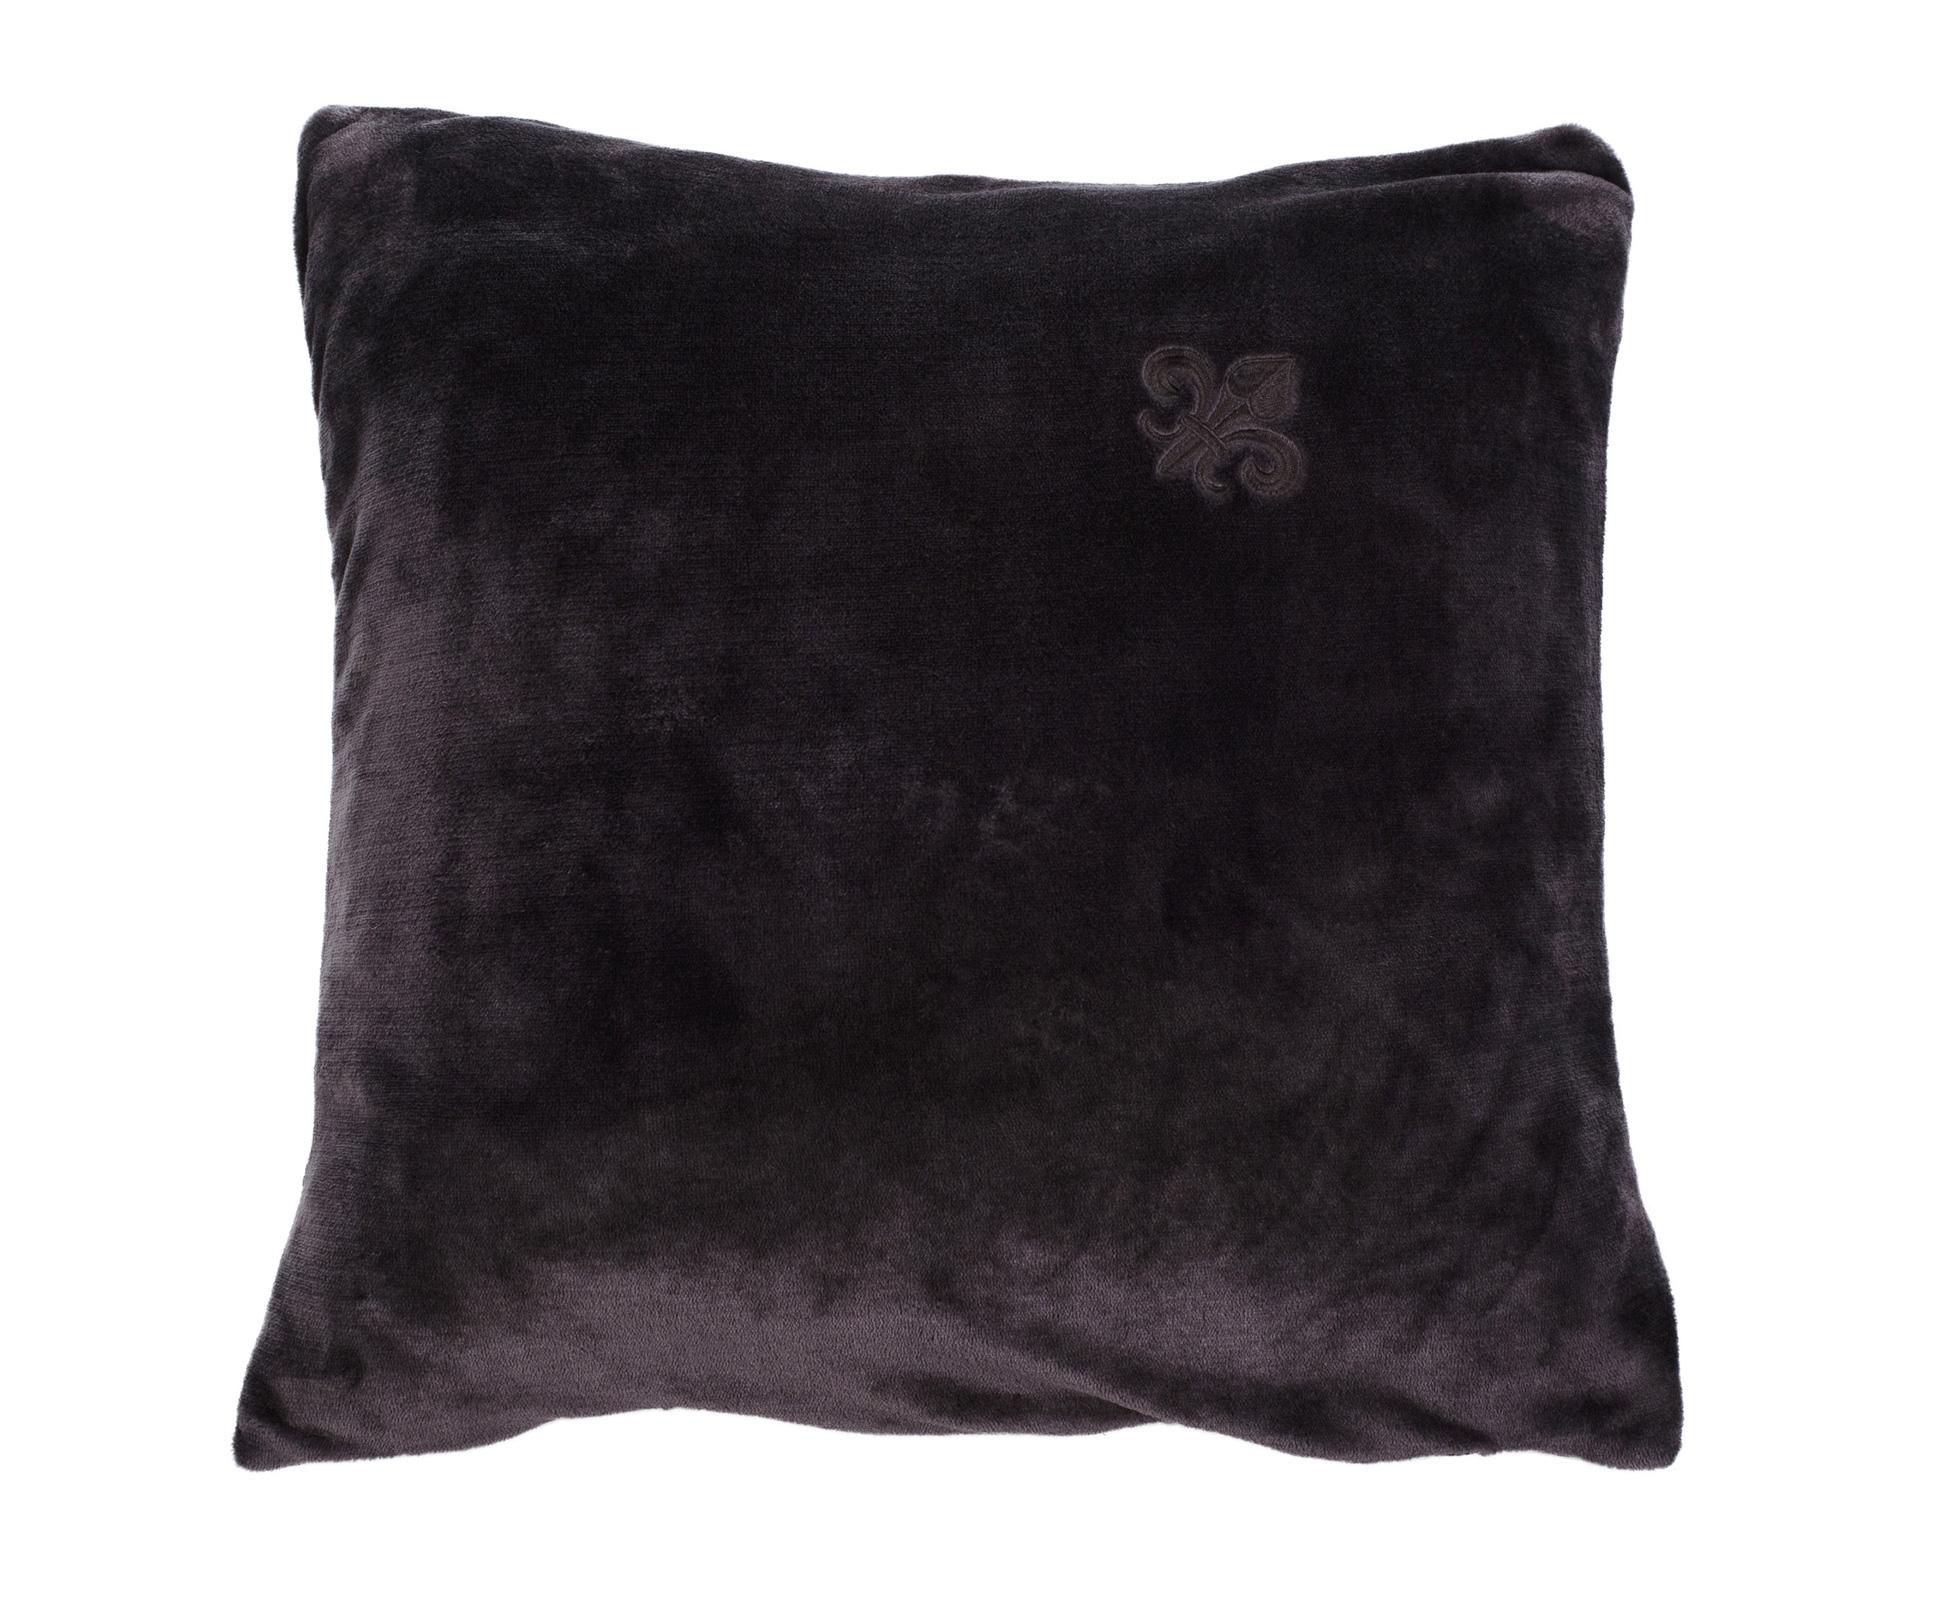 Wohndecken und Kissen - Gözze 2er Pack Luxus Kissen Dekokissen Fleur de Lys 50x50 mit Stickung anthrazit  - Onlineshop PremiumShop321